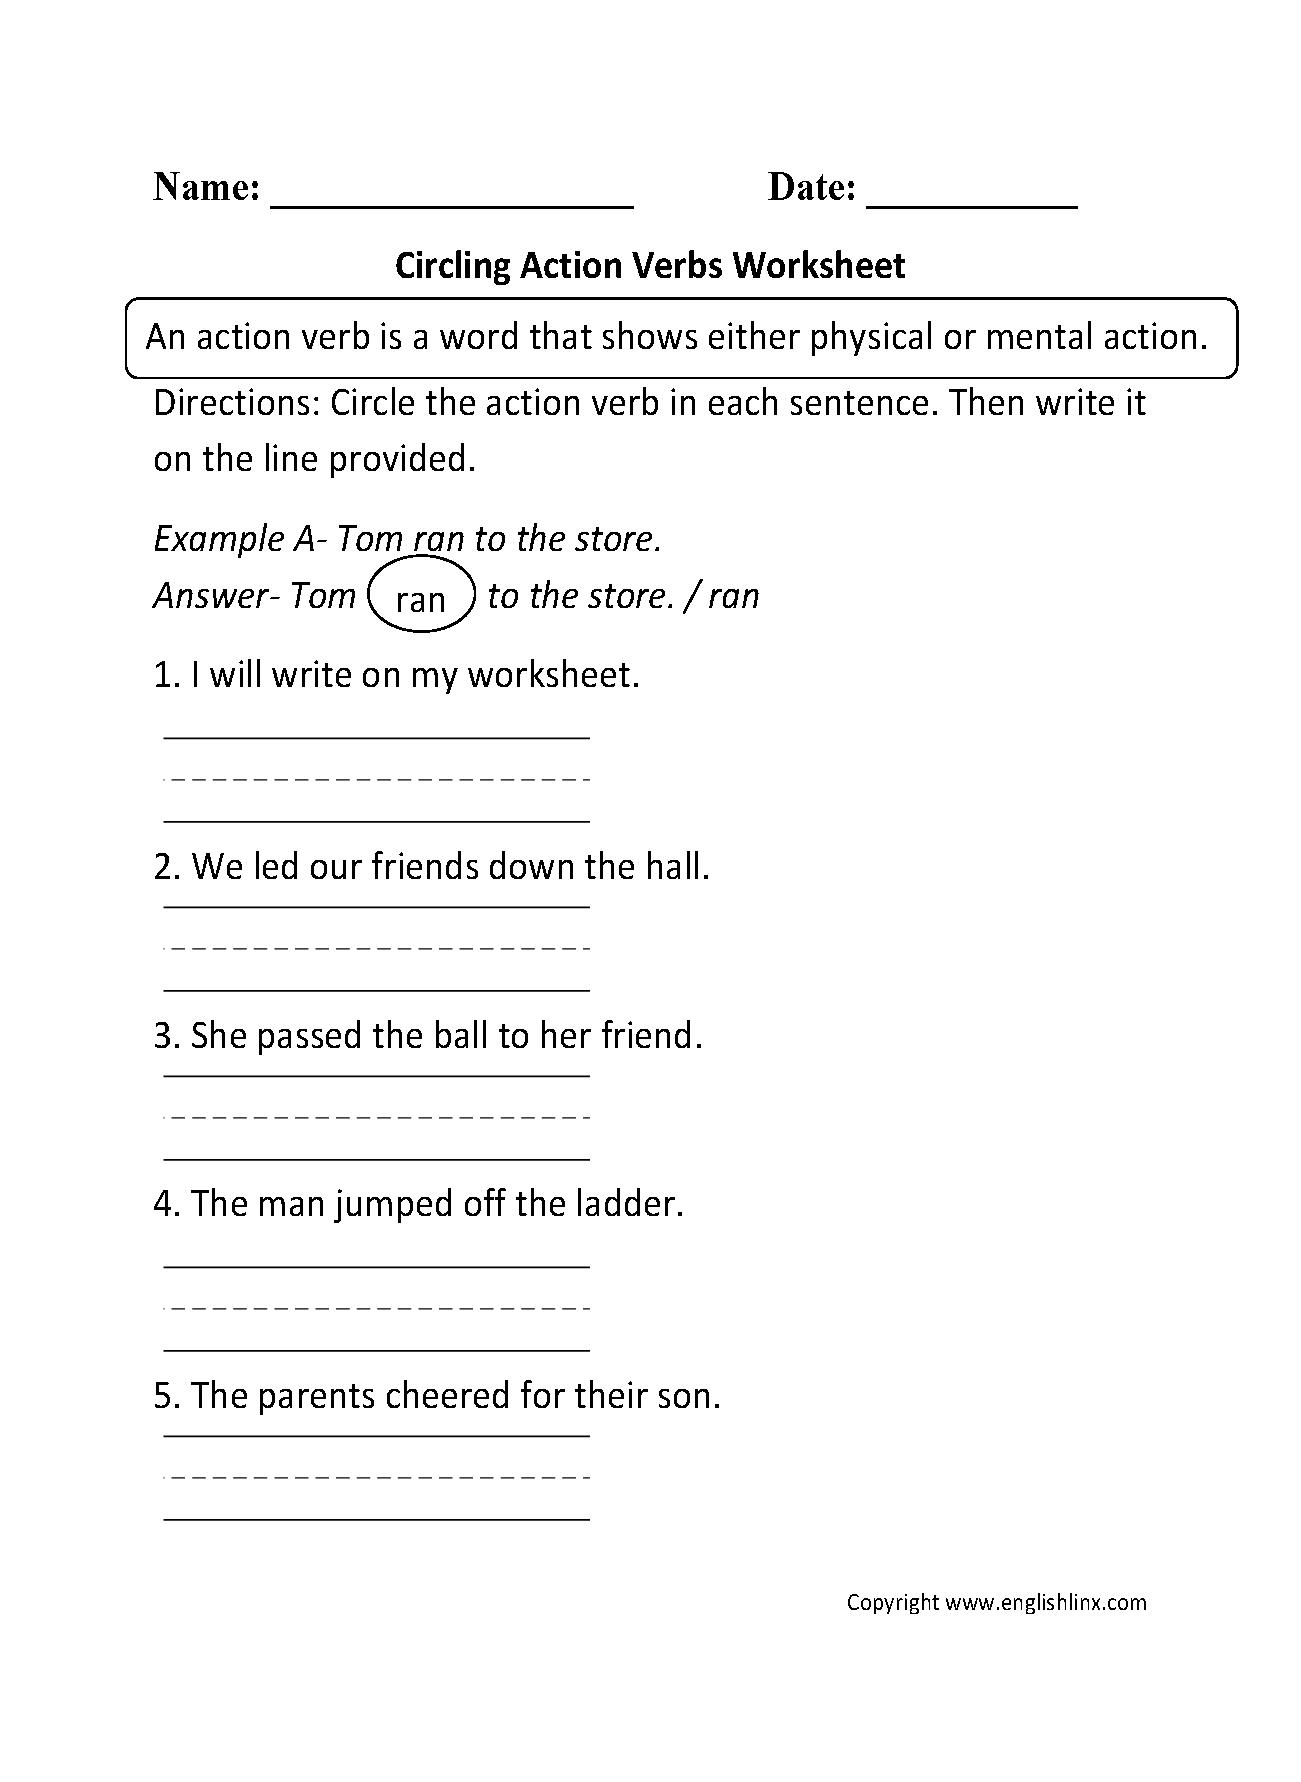 Worksheet Verb Worksheets For 2nd Grade Grass Fedjp Worksheet Study Site